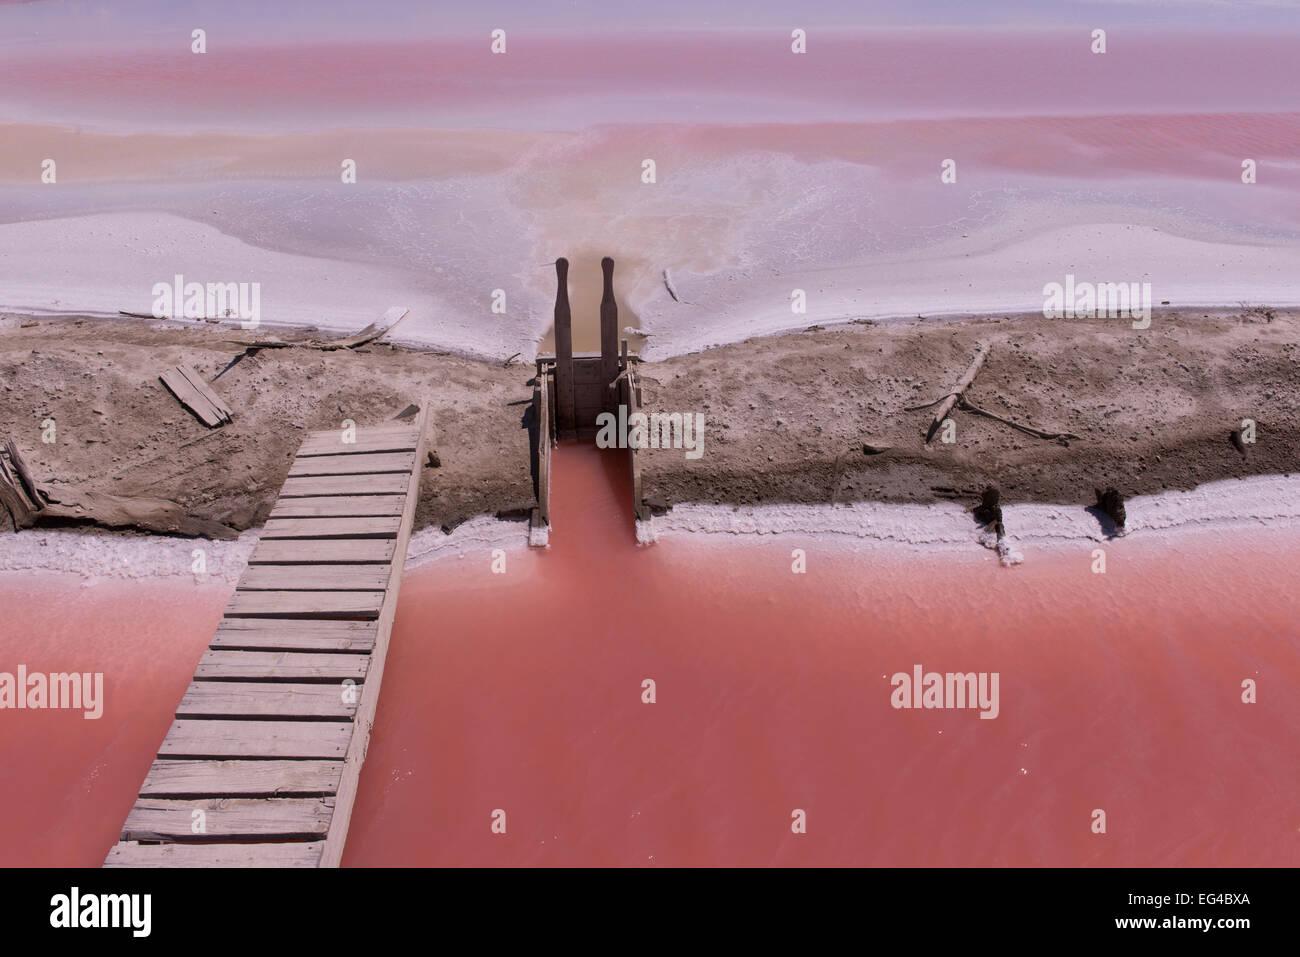 Hohe Salzkonzentration Salinen. Salin de Giraud Camargue Frankreich Juni 2013. Stockbild